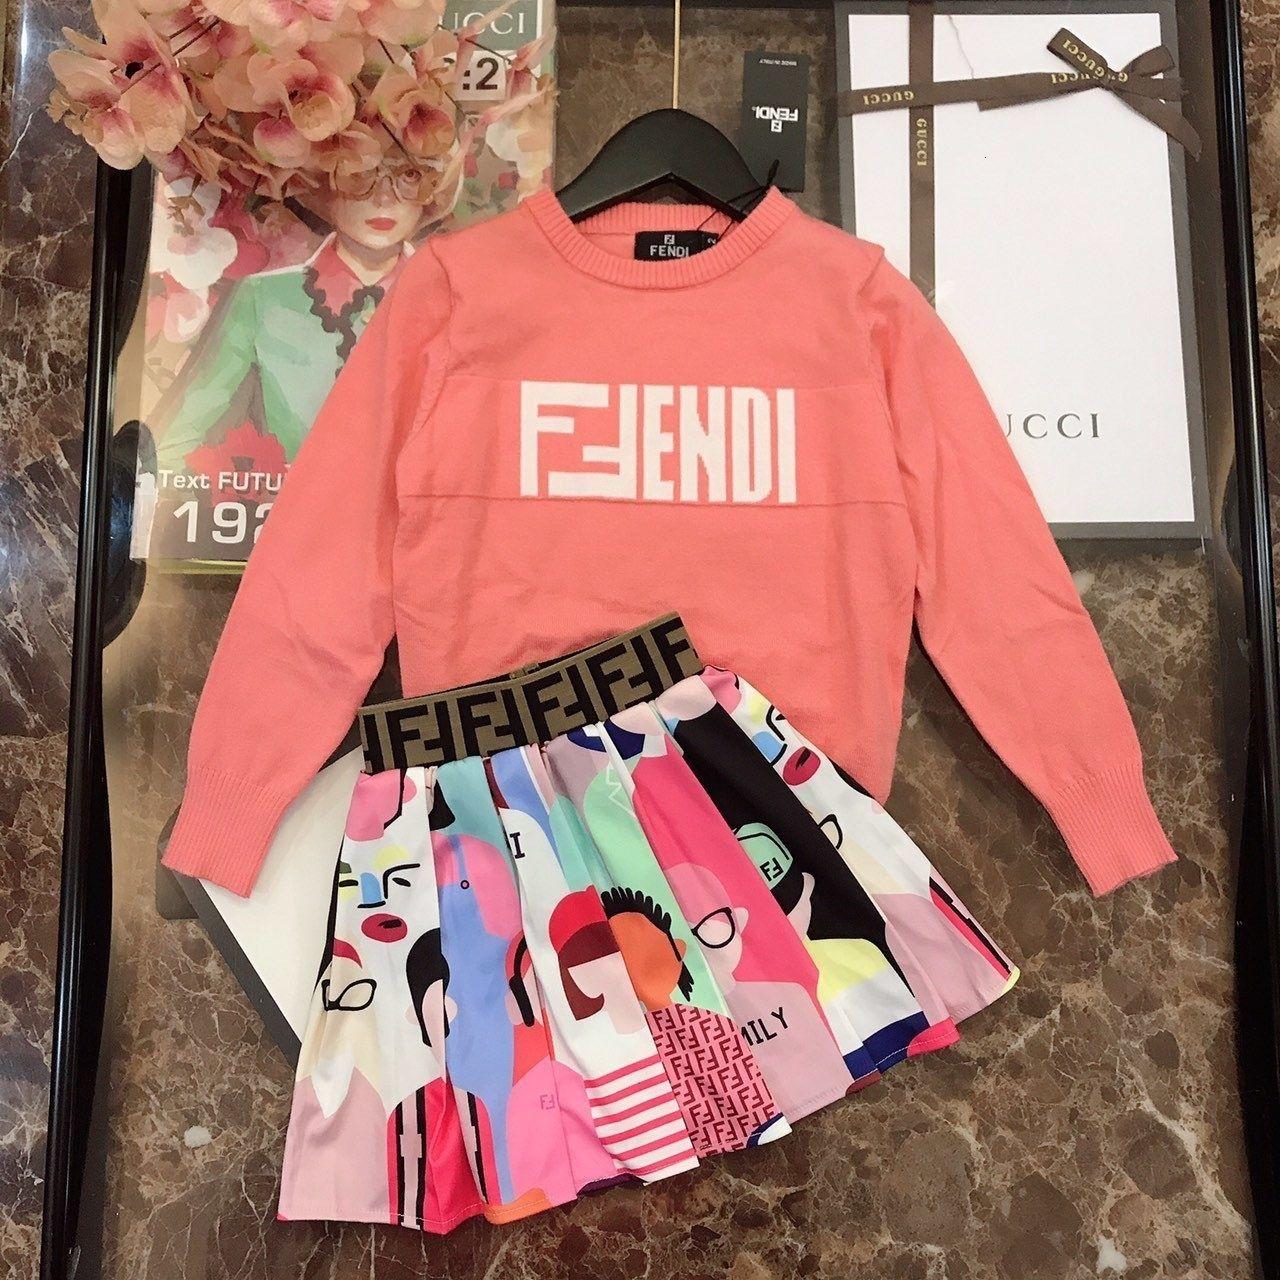 الملابس fenash8 2019 الكبير للأطفال الخريف الفتيات يحدد نمط جديد الكورية أوقات الفراغ الطباعة عند الأطفال البدلة مجموعة الملابس 0818